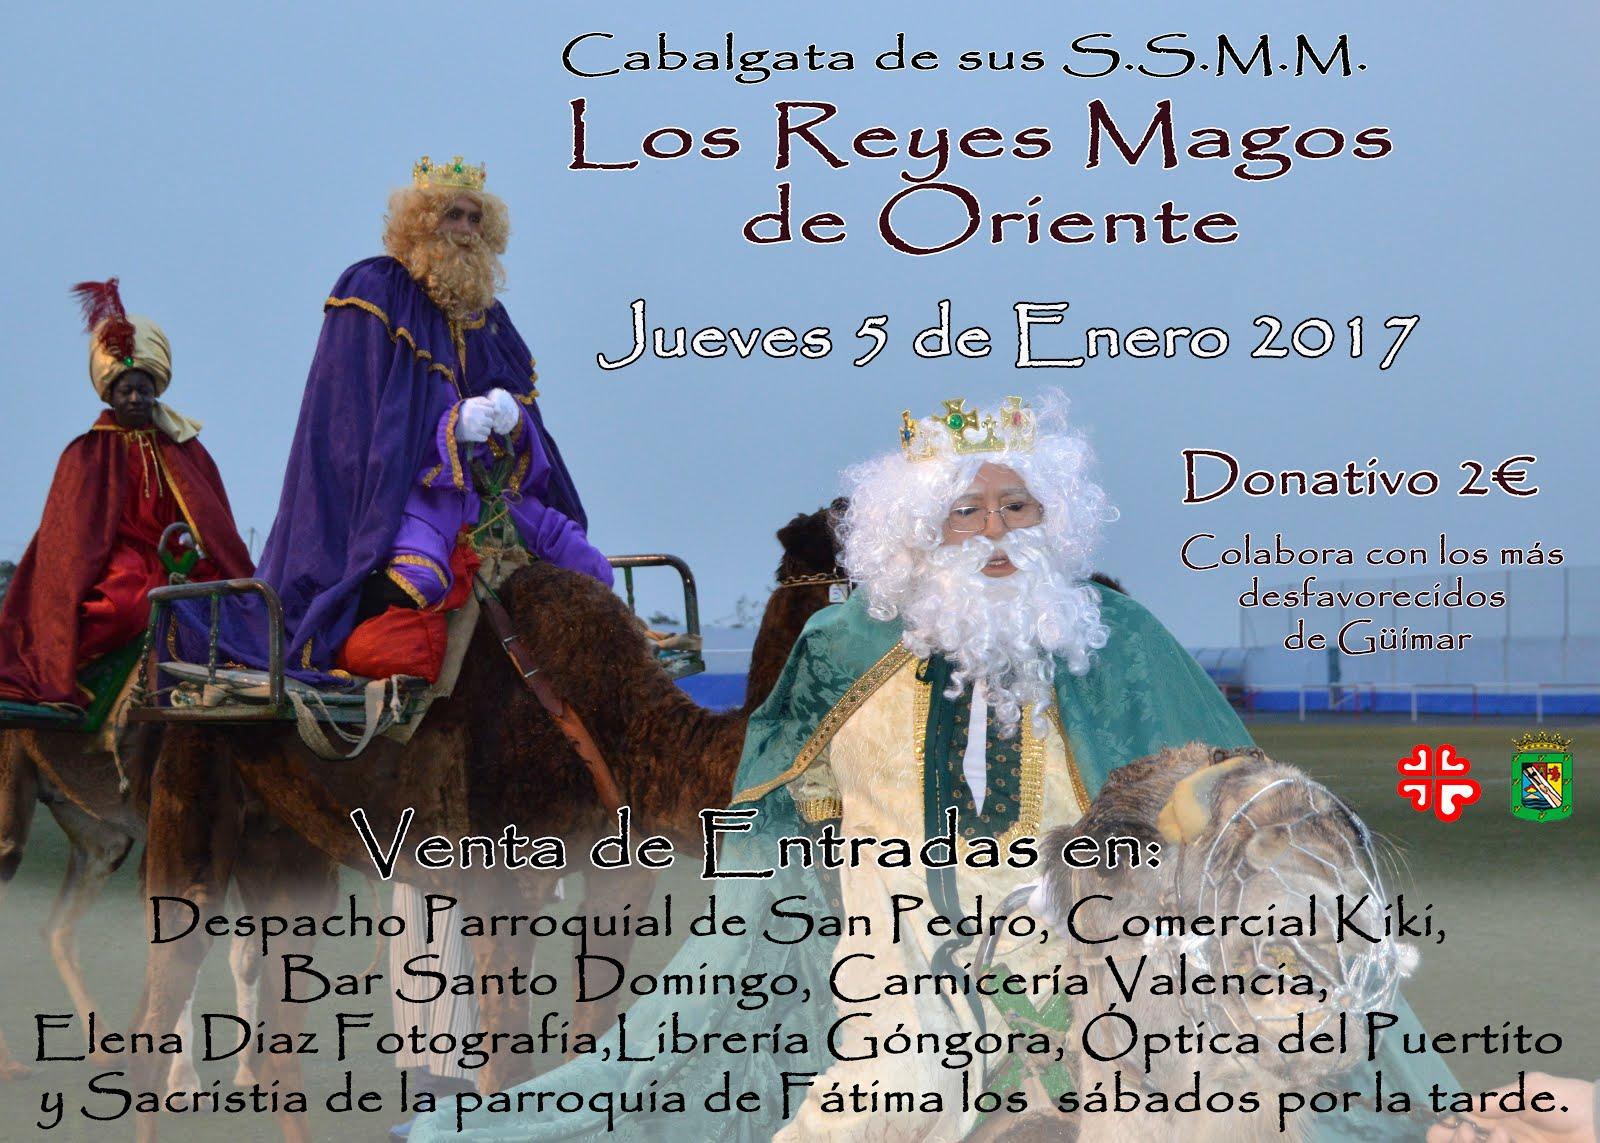 Venta de entradas para la llegada de los Reyes Magos al  Estadio Tasagaya José Ramos.